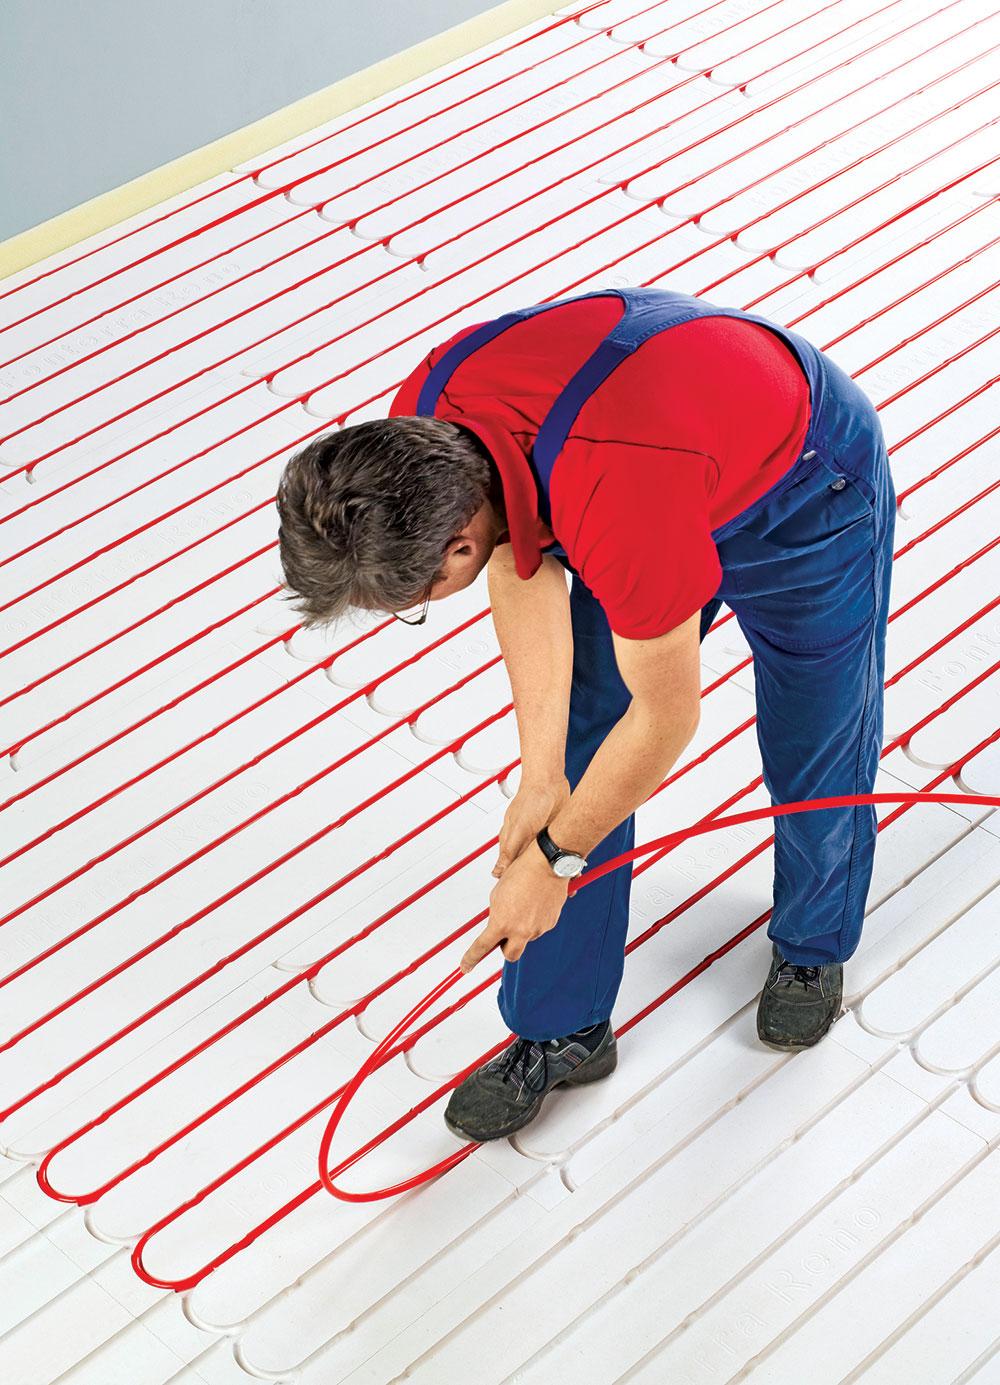 Osnova za izračunavanje podnog grejanja je potrebna toplota, odnosno energija potrebna za zagrevanje jedne prostorije